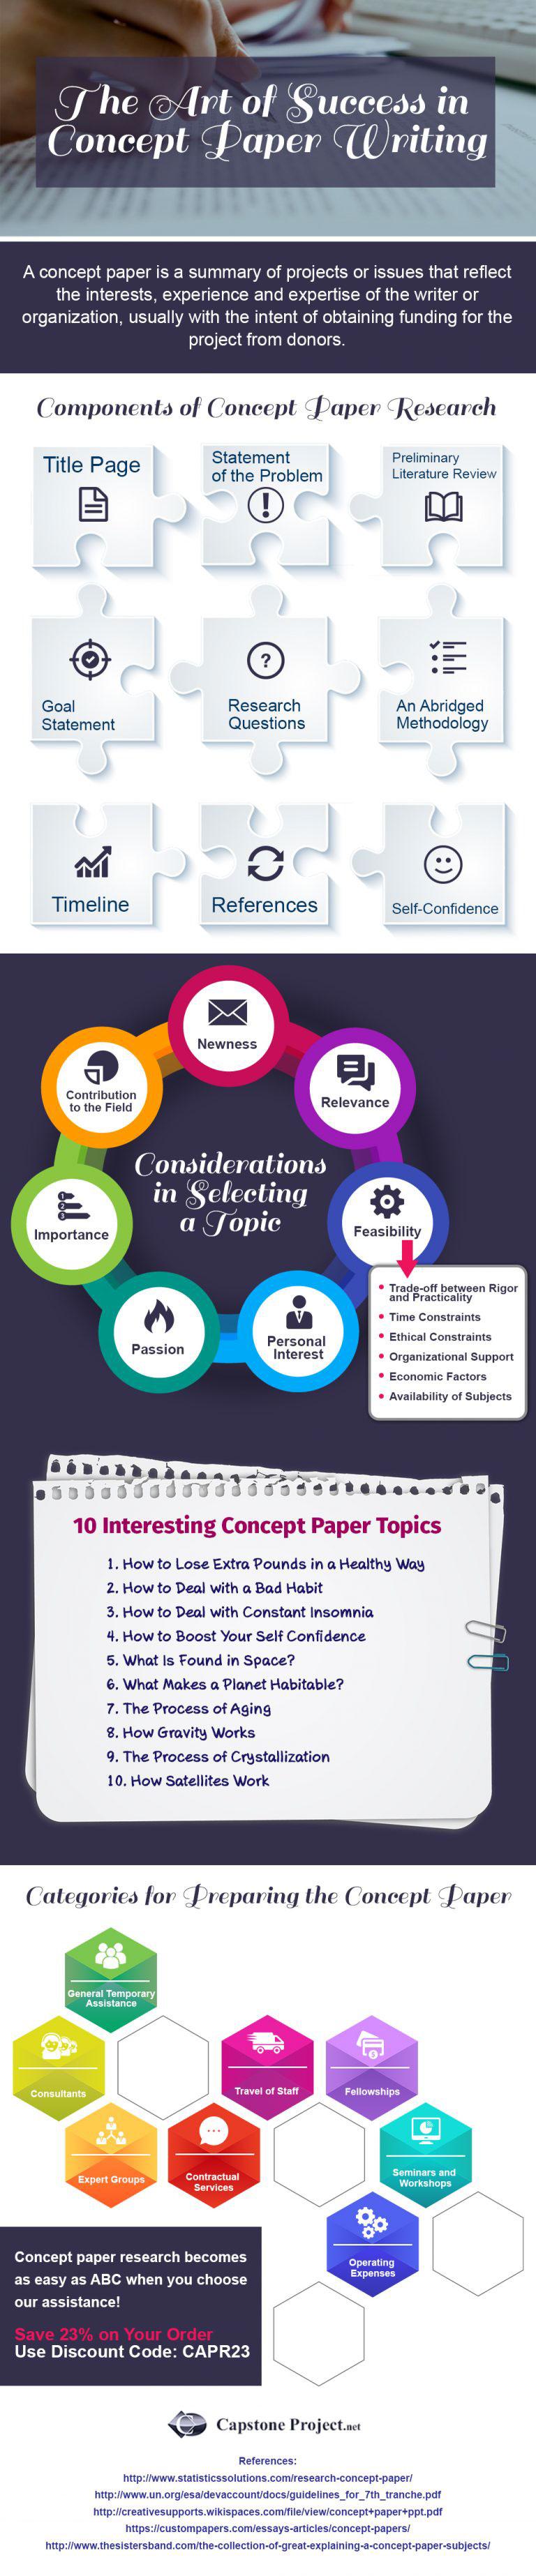 nursing concept paper topics